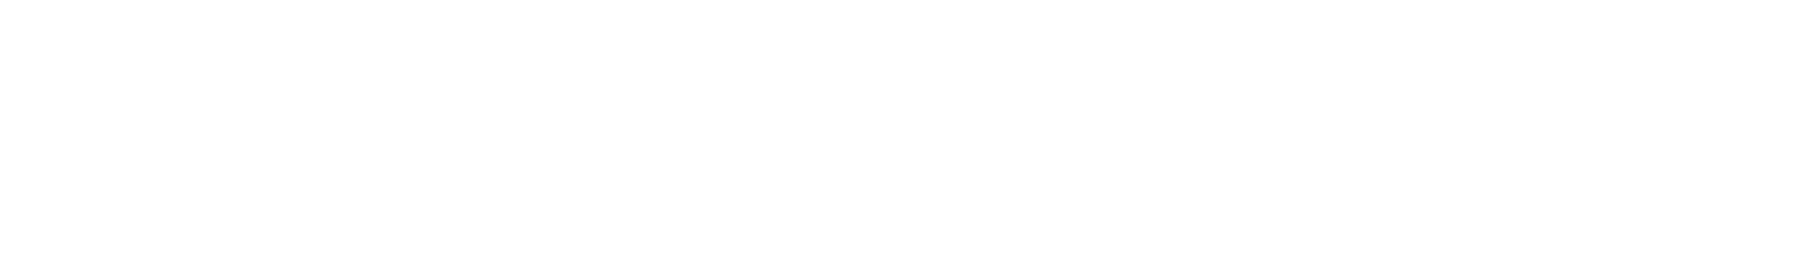 fast snare loop